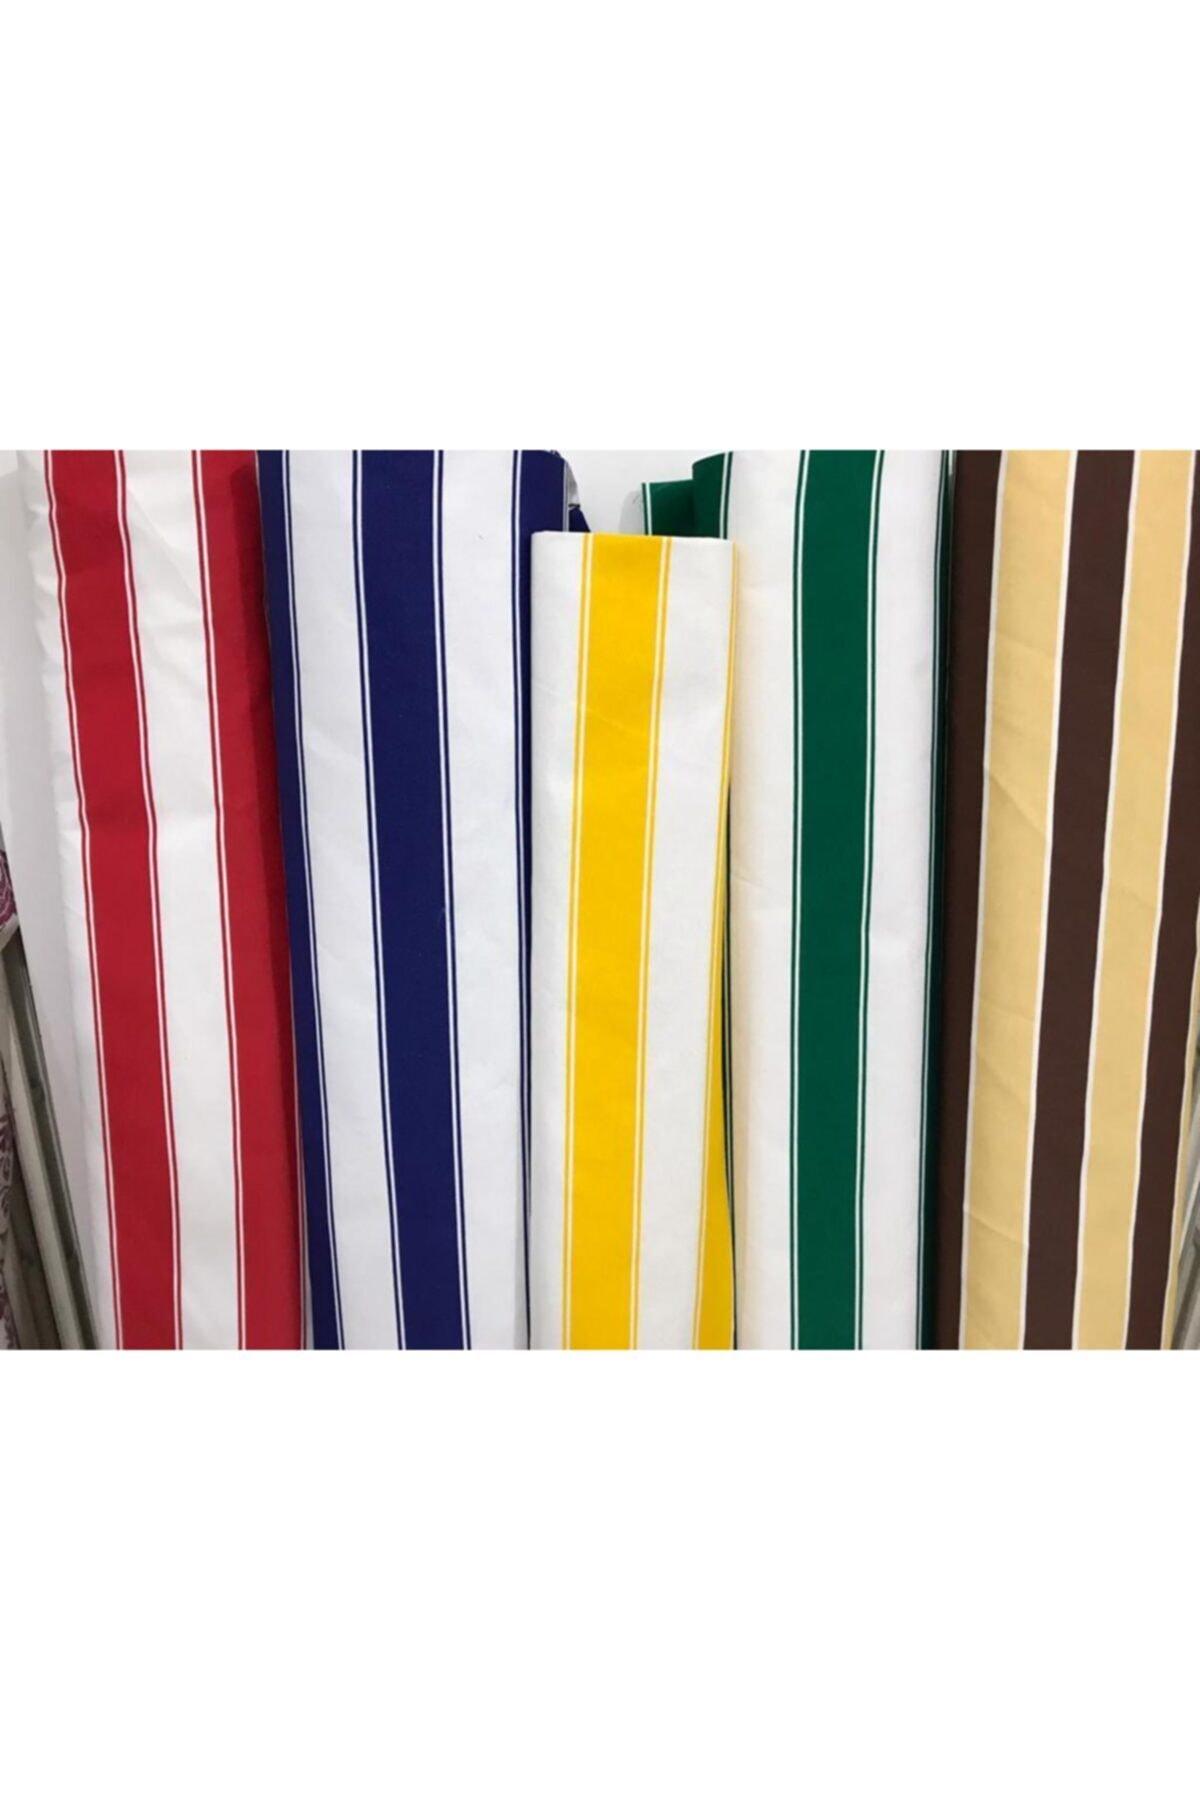 ERCANLI Balkon Perdesi Branda Kumaşı-yağmur Geçirmez-kalın-bağcıklı-düğmeli-rengi Mesaj Ile Bildirinlütfen 2